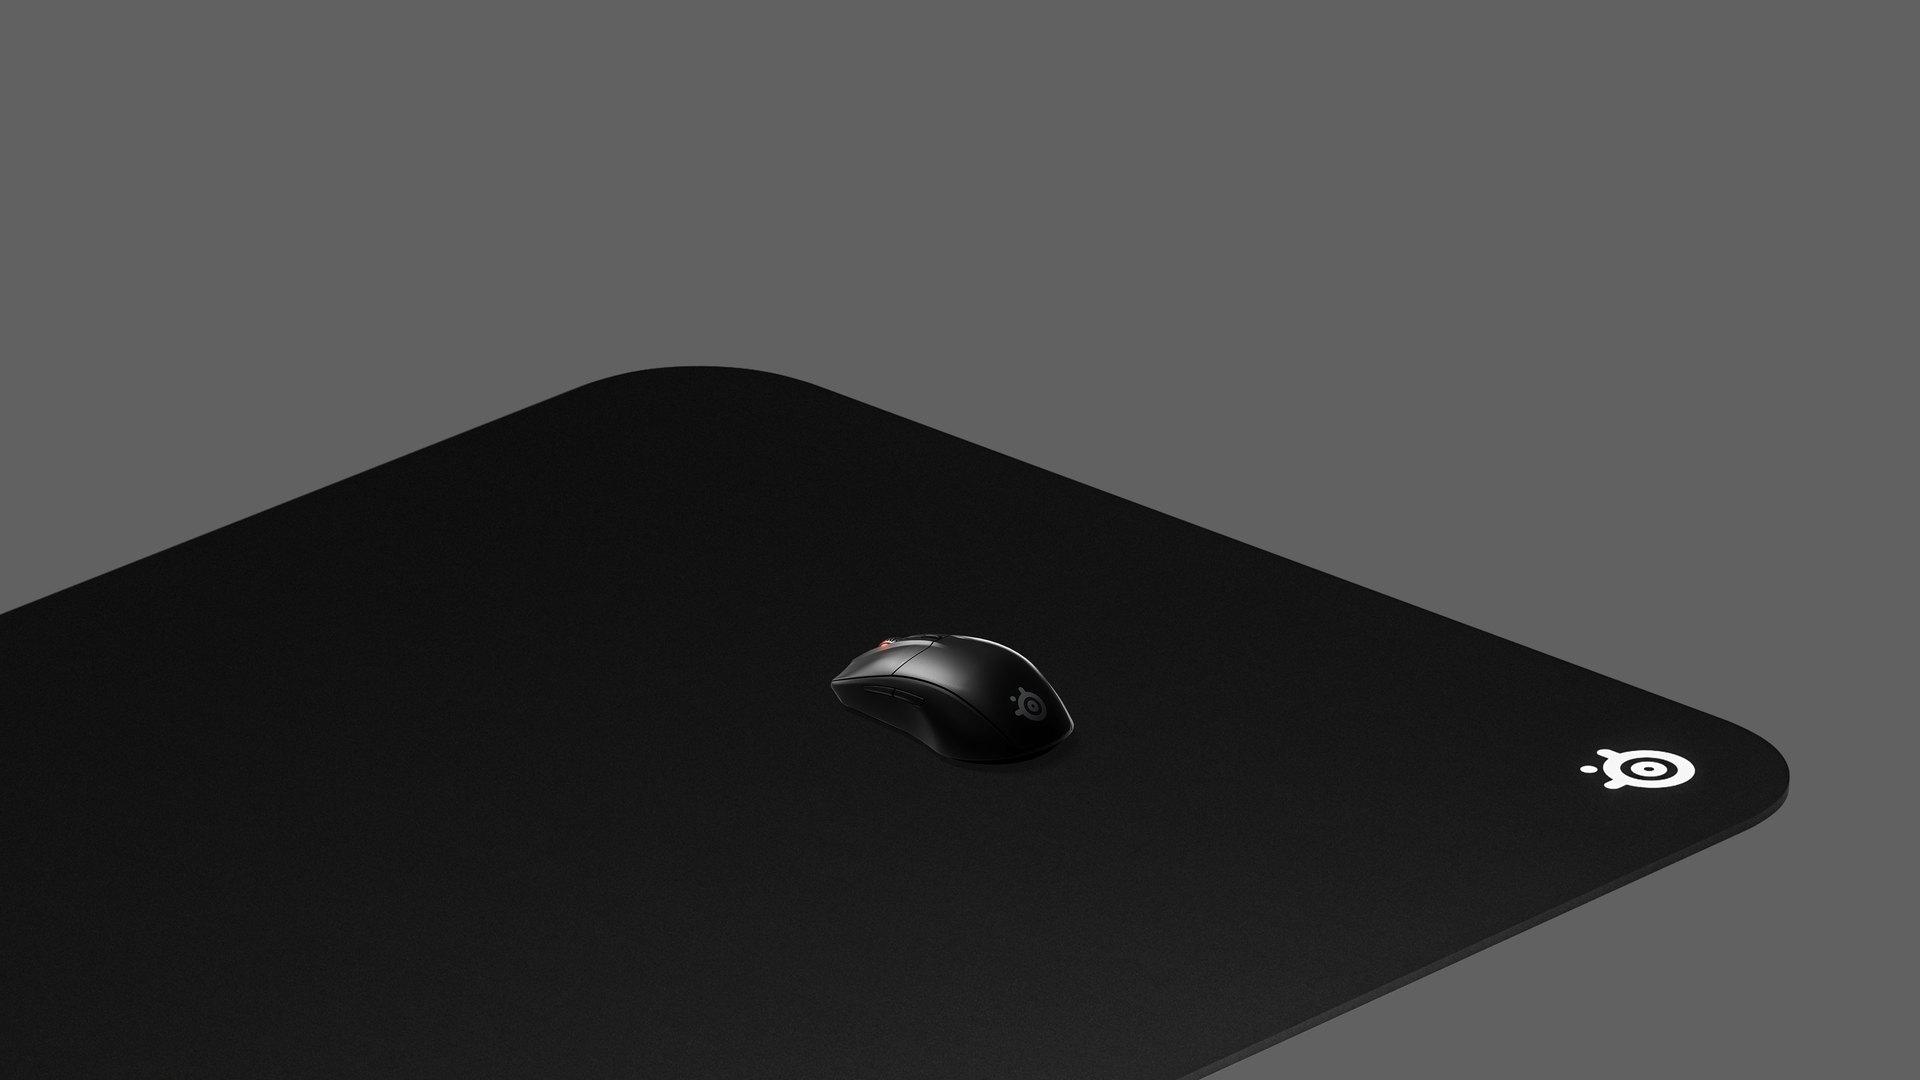 Größe 30,9 mm x 400 mm